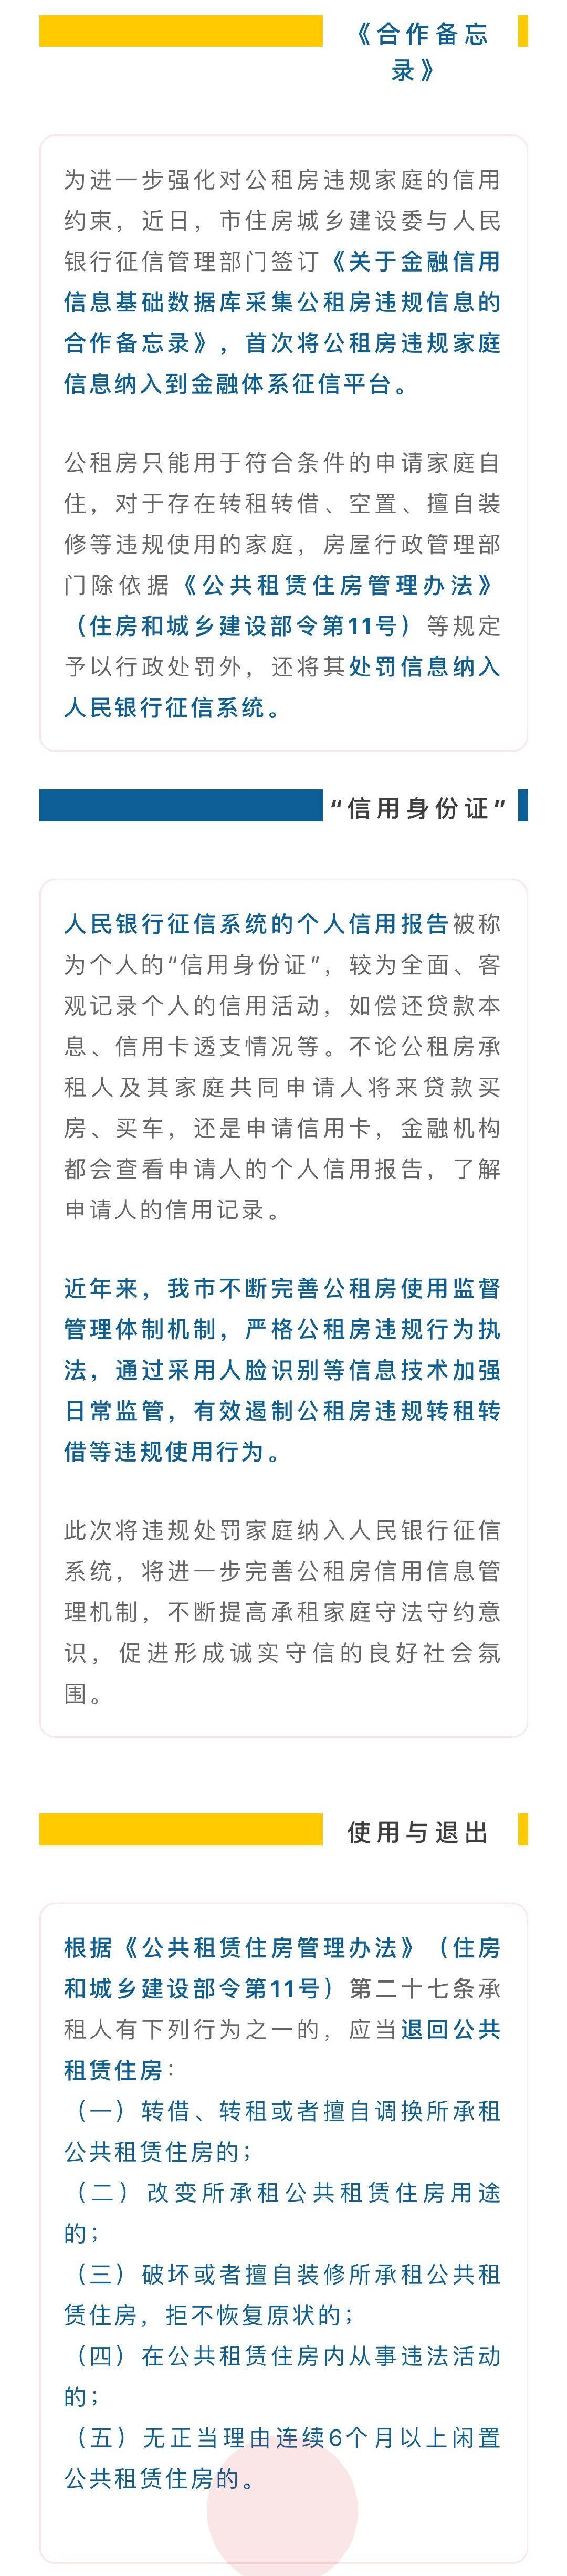 北京将公租房违规行为纳入人民银行征信系统 -中国网地产